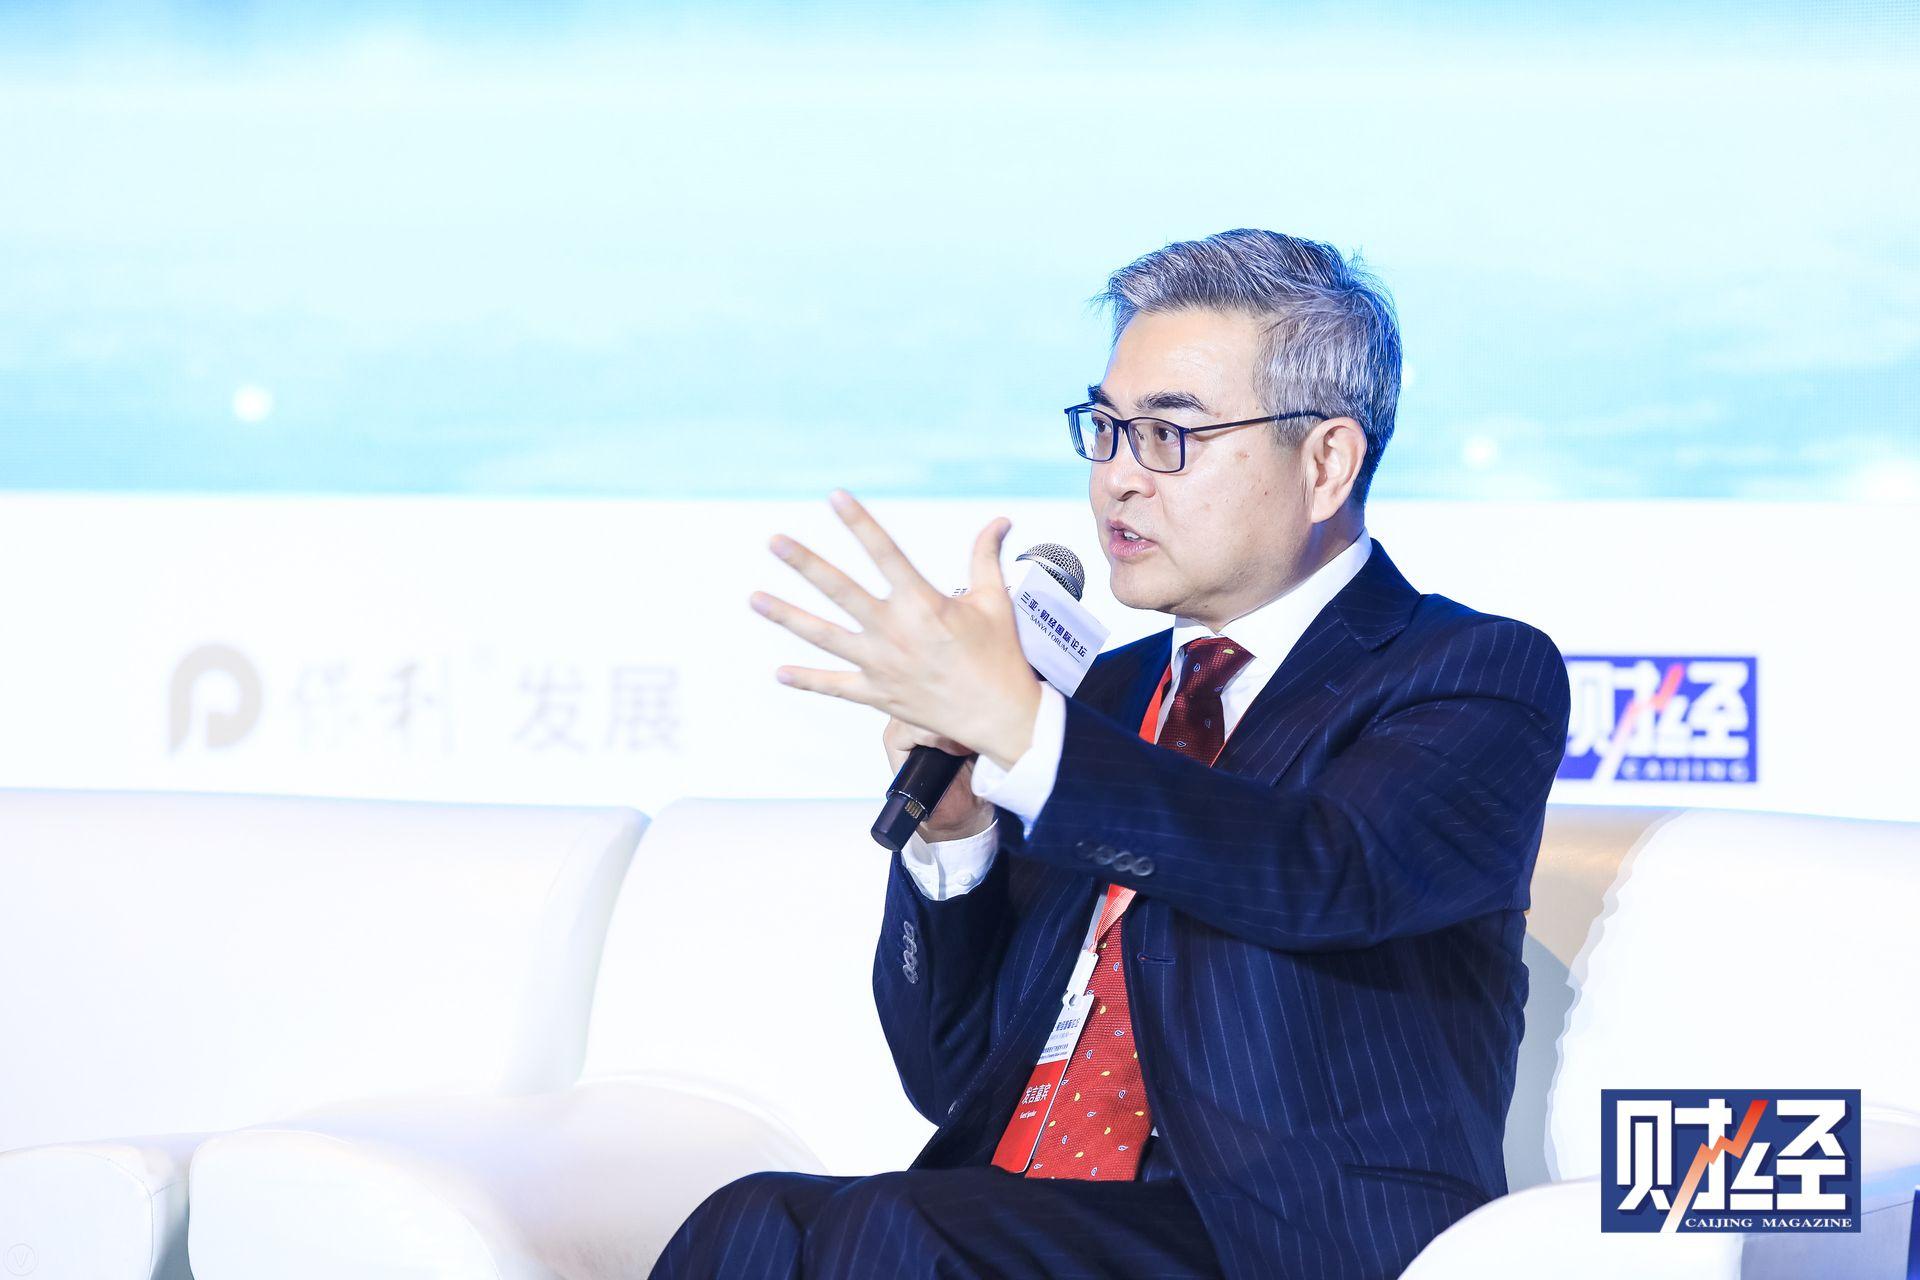 【《財經》雜志】肖耿:海南要超越香港,需在制度建設上有所創新